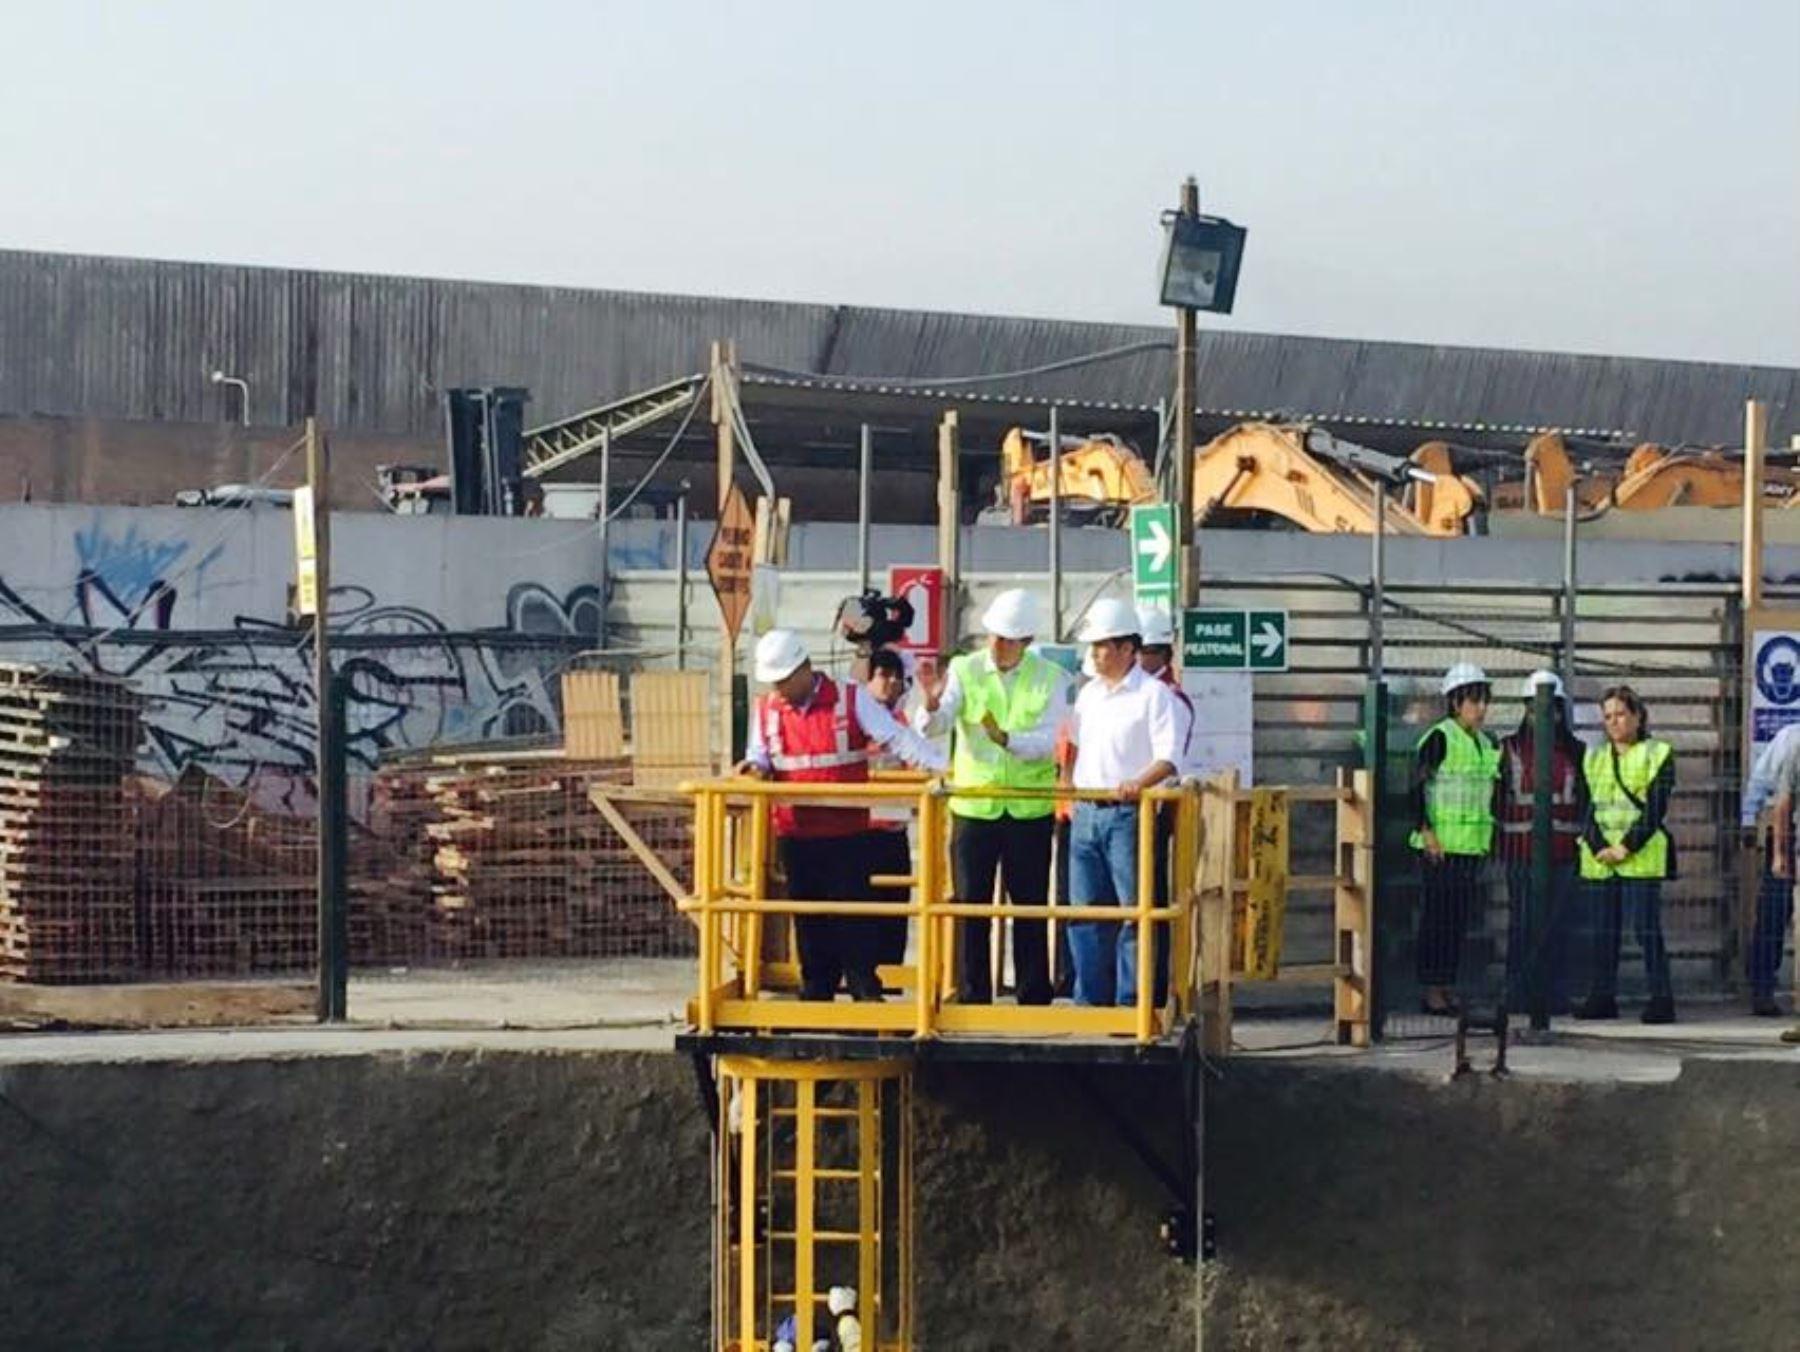 Visita de inspección del presidente Ollanta Humala, acompañado del titular del MTC José Gallardo, al proyecto de la Línea 2 del Metro de Lima. ANDINA/Difusión